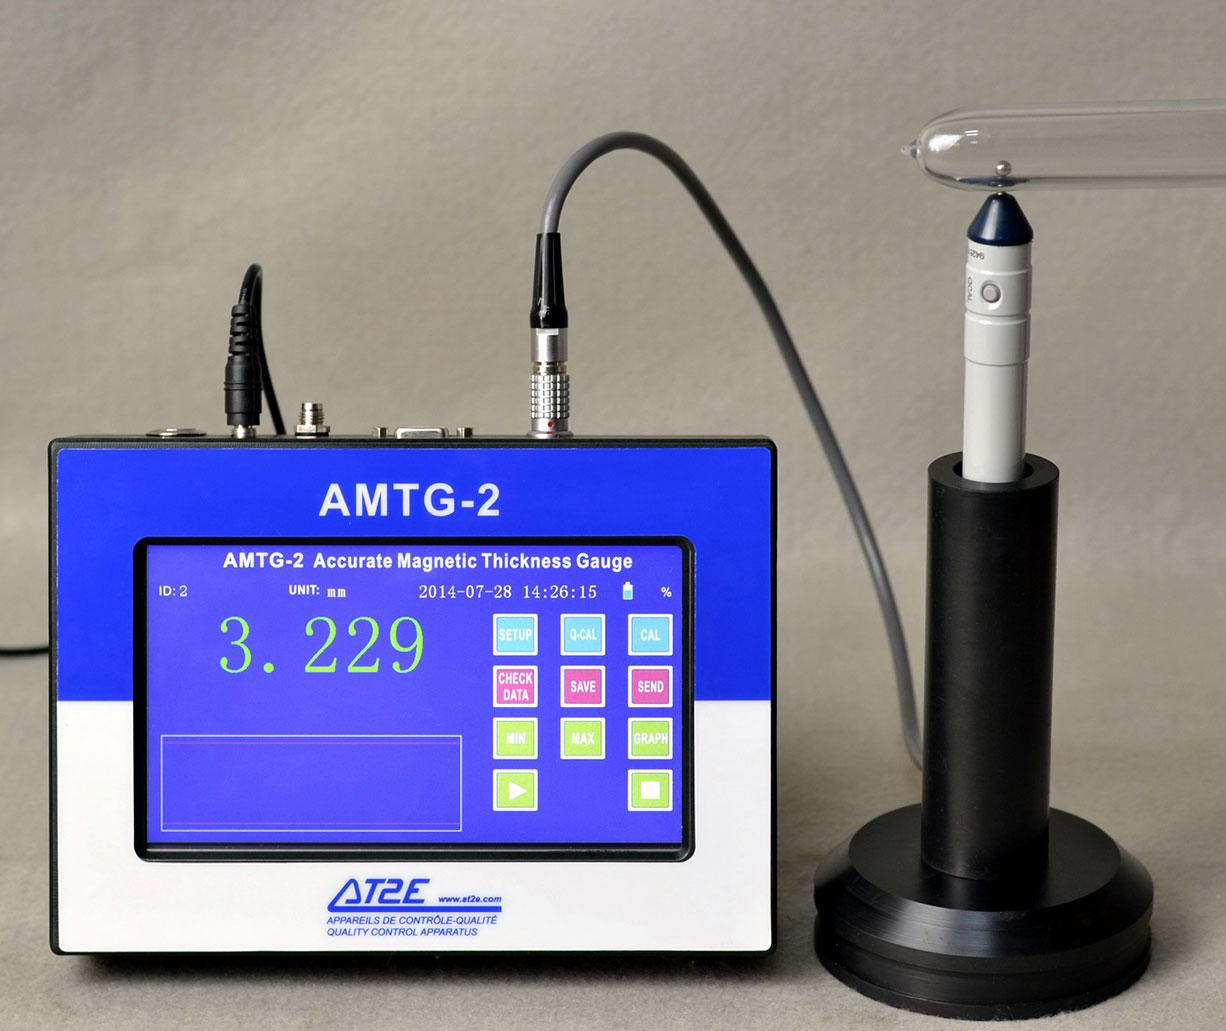 Máy đo độ dày chai PET AMTG2 | Đại lý AT2E tại Việt Nam